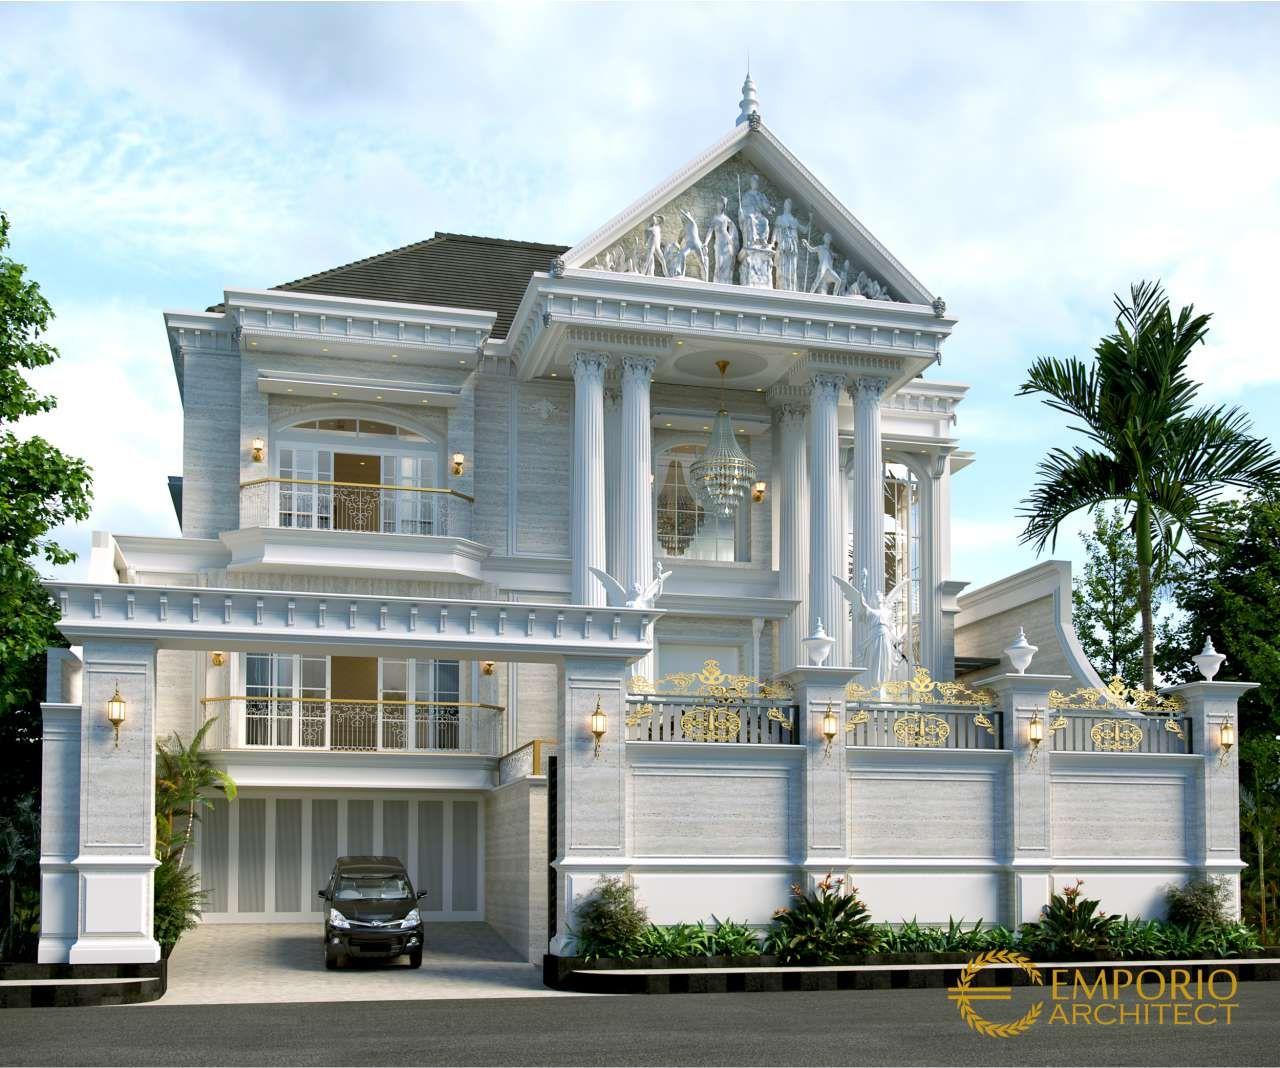 Desain Rumah Classic 3 Lantai Bapak Herman di Denpasar, Bali #housedesignservices#desainrumah#arsitekindonesia#arsitektur#rumahindah#desainrumahidaman#desainrumah3d#rumahminimalis#desinrumahmodern#arsitekrumahmewah#arsitekrumahclassic#emporioarchitect#jasadesainrumah#arsitekrumah#arsitekrumahtinggal#arsitekrumahdilhokseumawe#arsitekrumahdijawabarat#arsitekrumahdisibolga#arsitekrumahdibali#arsitekrumahdikutaikartanegara#arsitekrumahdisulawesitengah#arsitekrumahdidumai